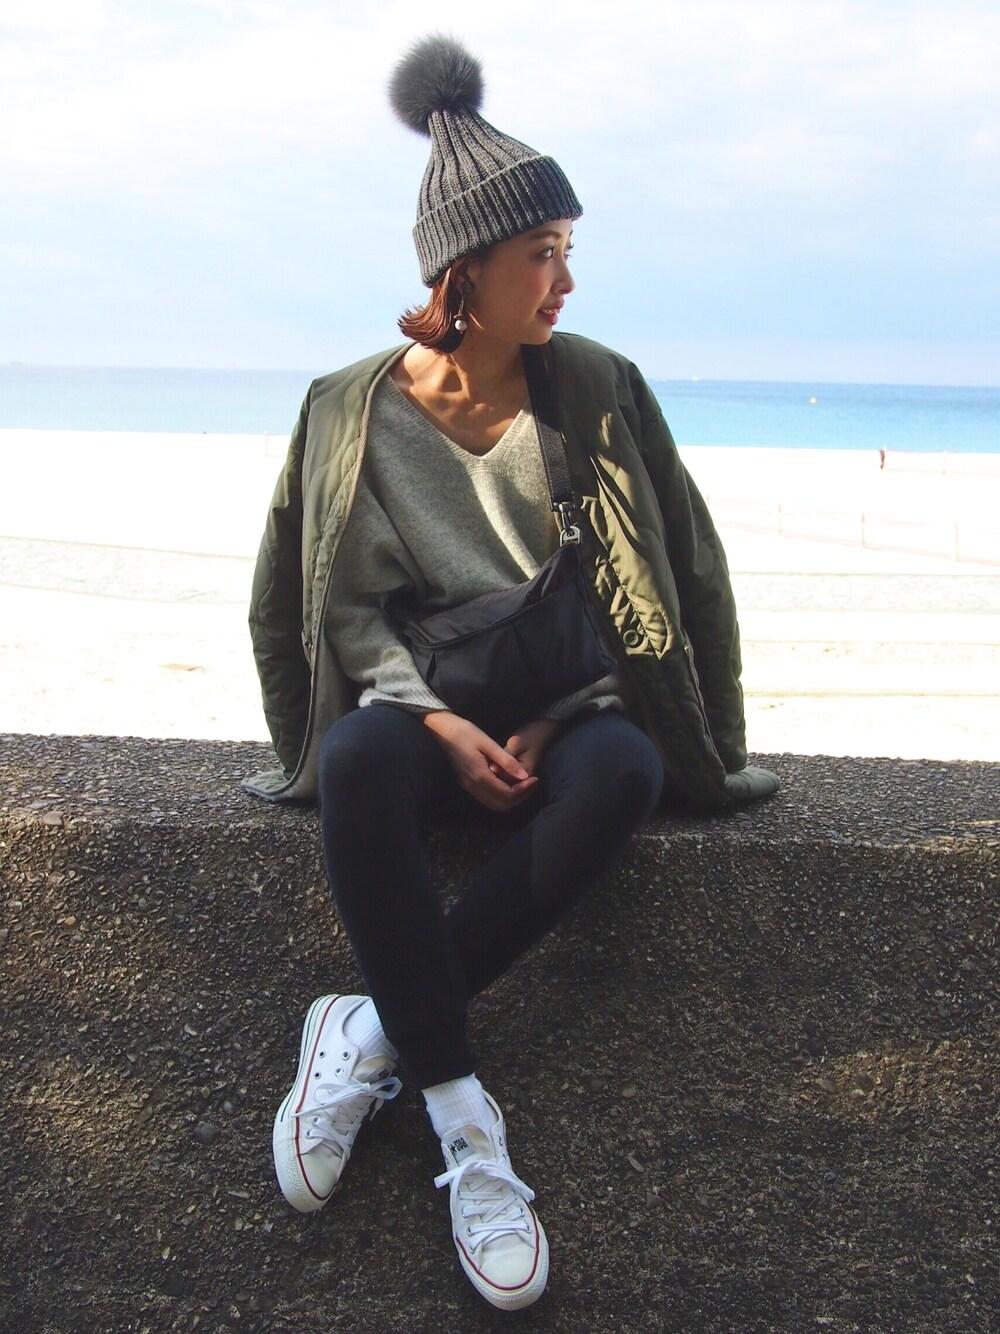 グレーニット帽×コンバース